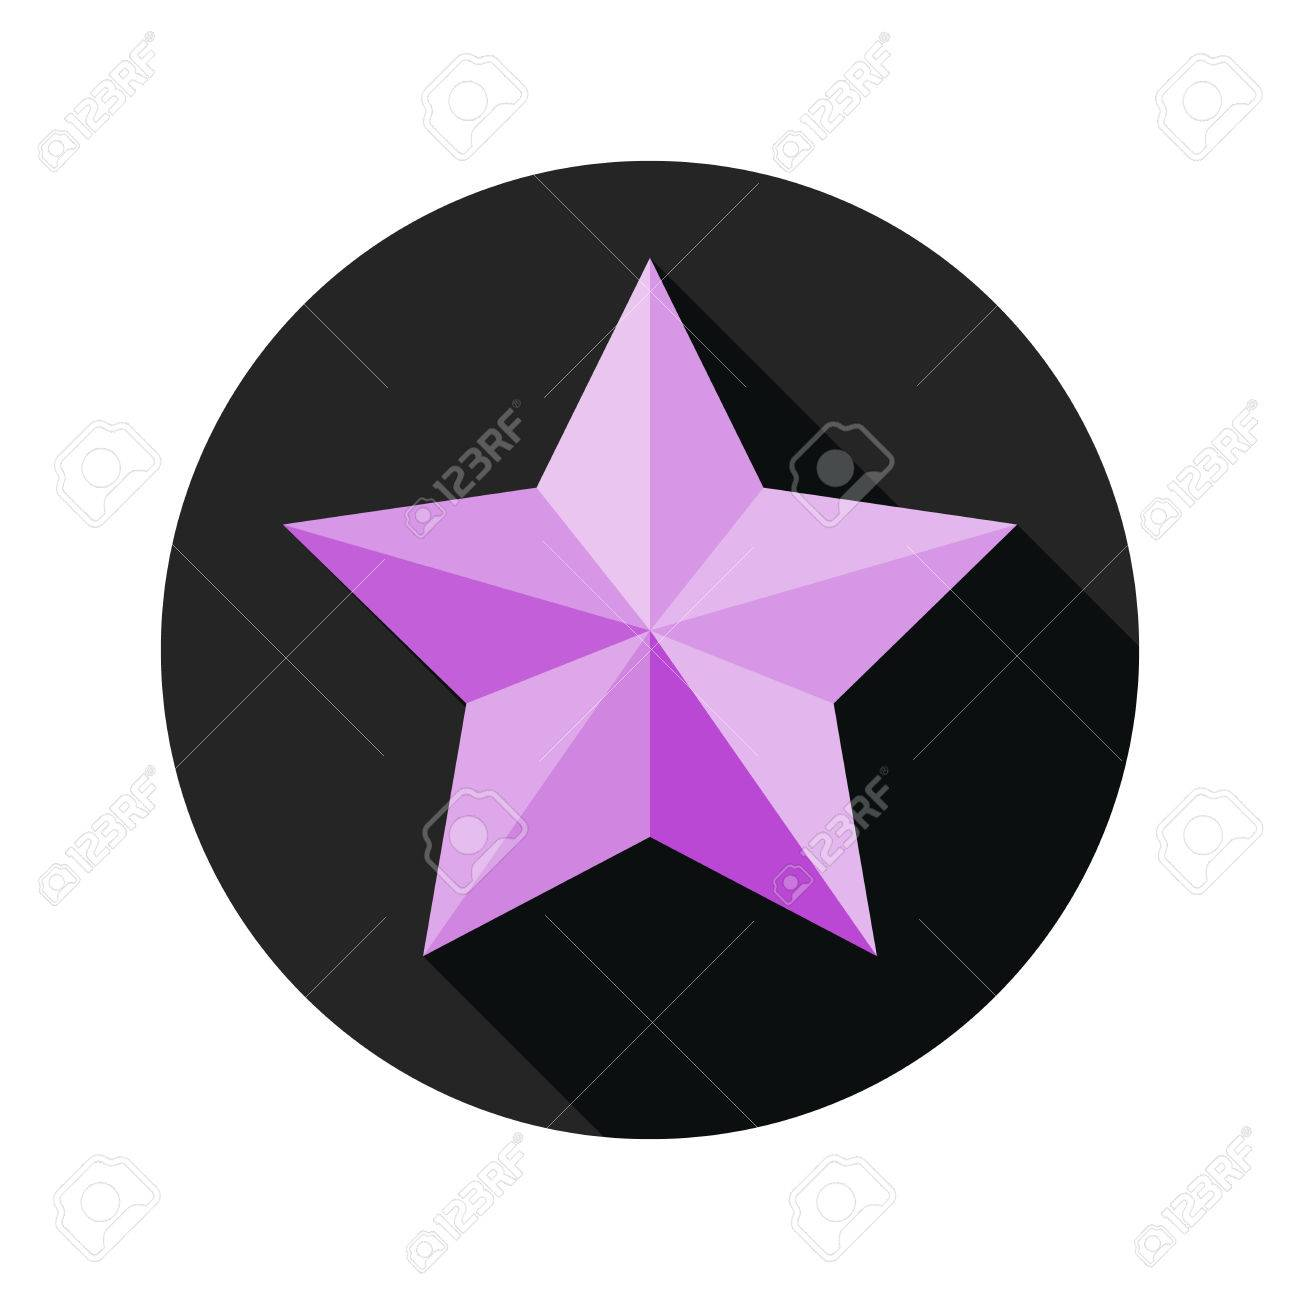 Violet Icône étoile En Design Plat étoile Avec Ombre Dans Le Cercle Noir Vector Illustration